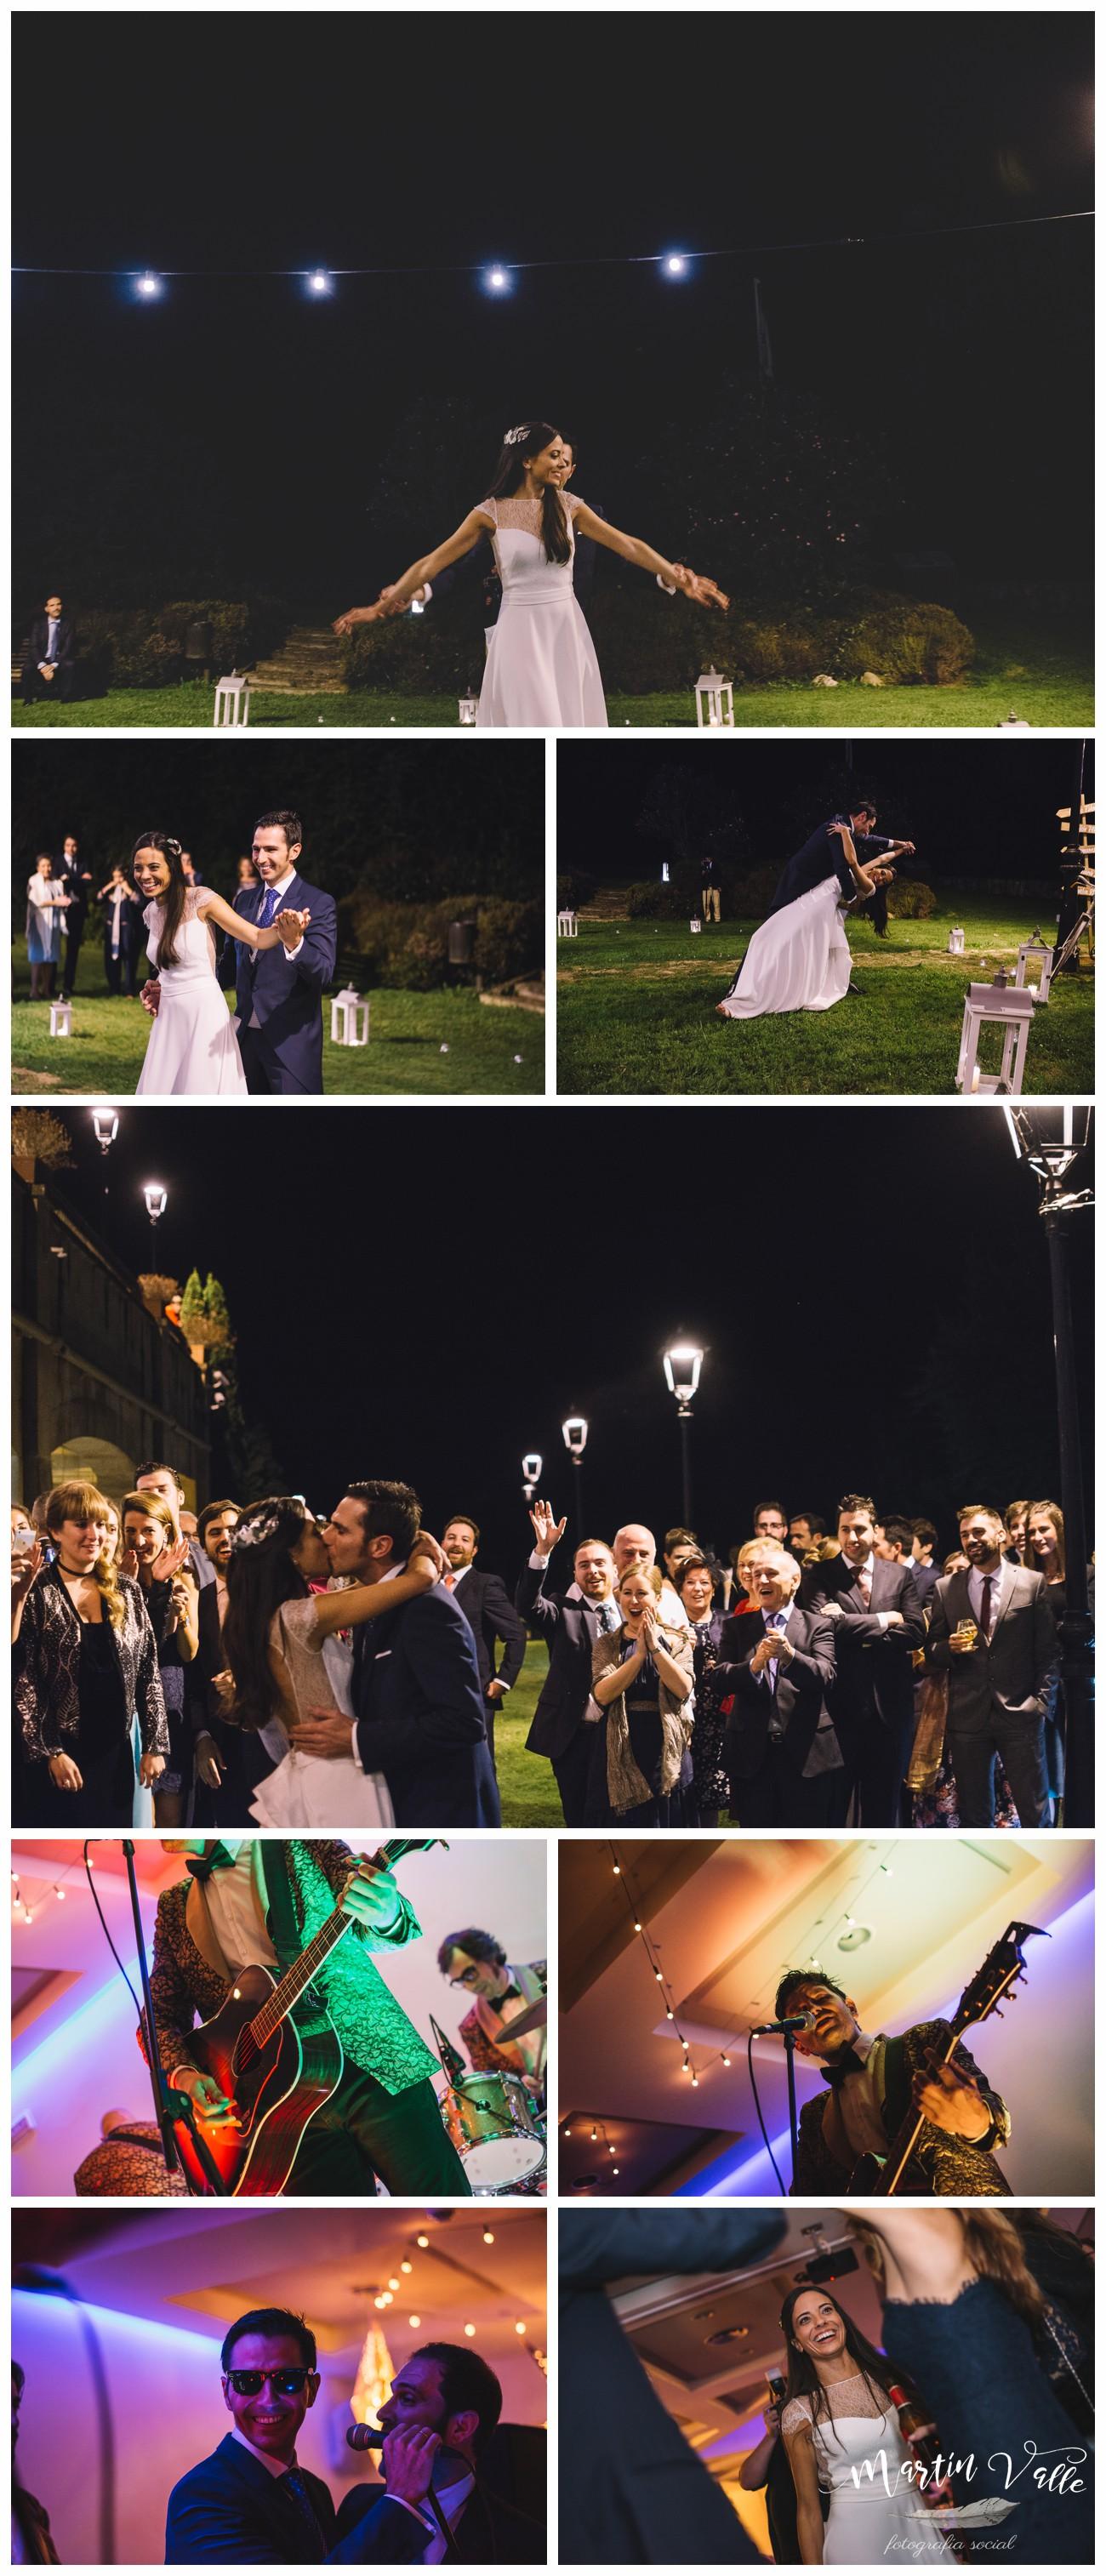 Concierto de los Testigos en una boda en el Parador de Cangas de Onís